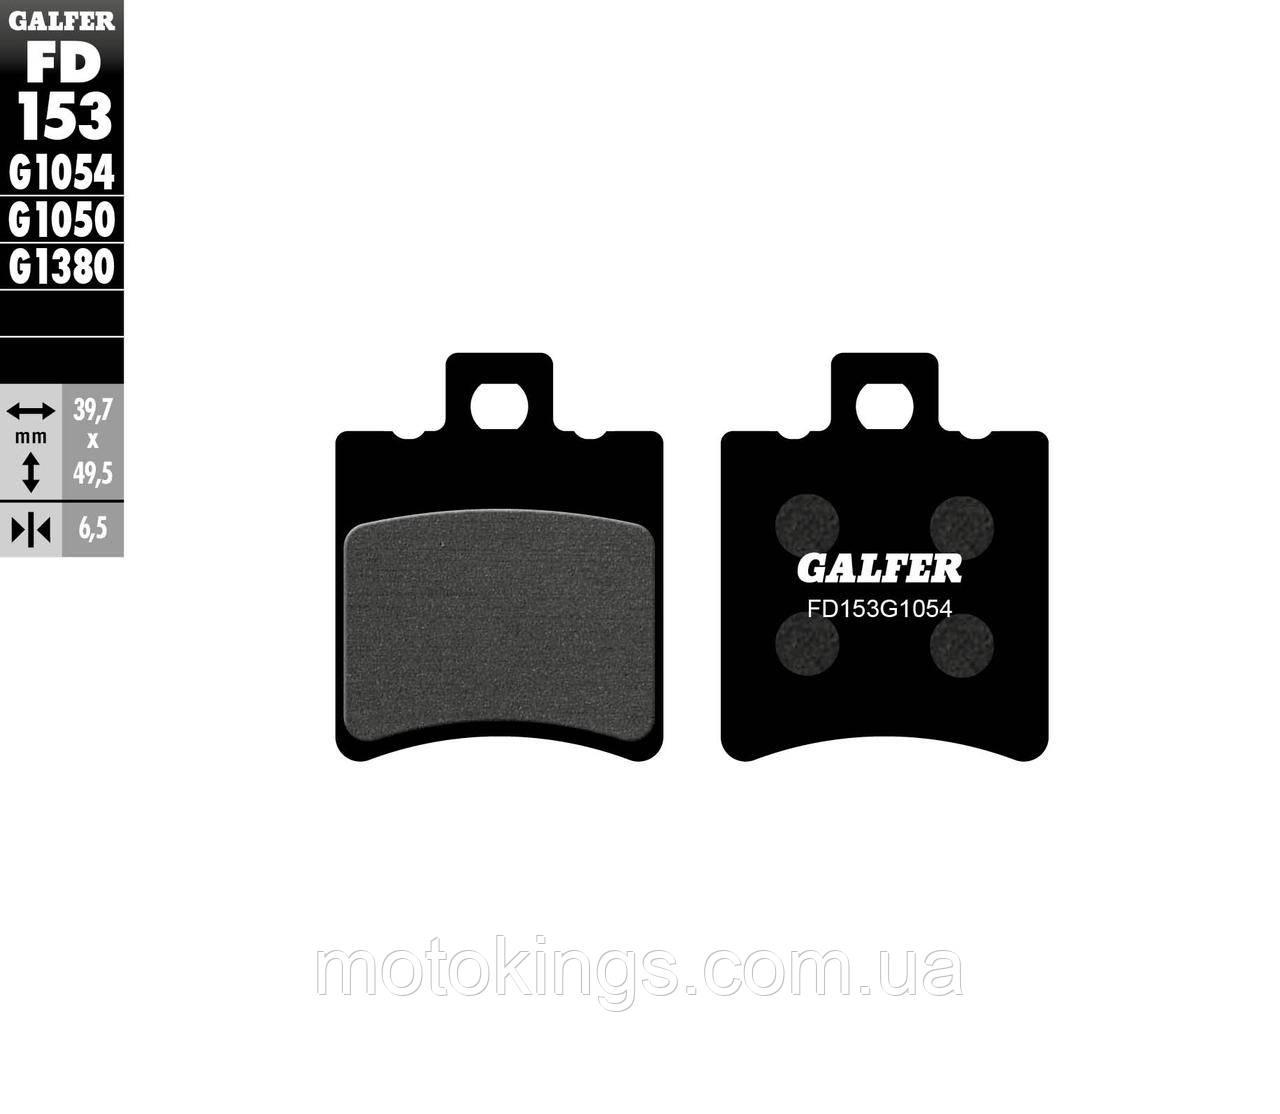 GALFER ТОРМОЗНЫЕ КОЛОДКИ    KH193 (СКУТЕРЫ) (FD153G1054)